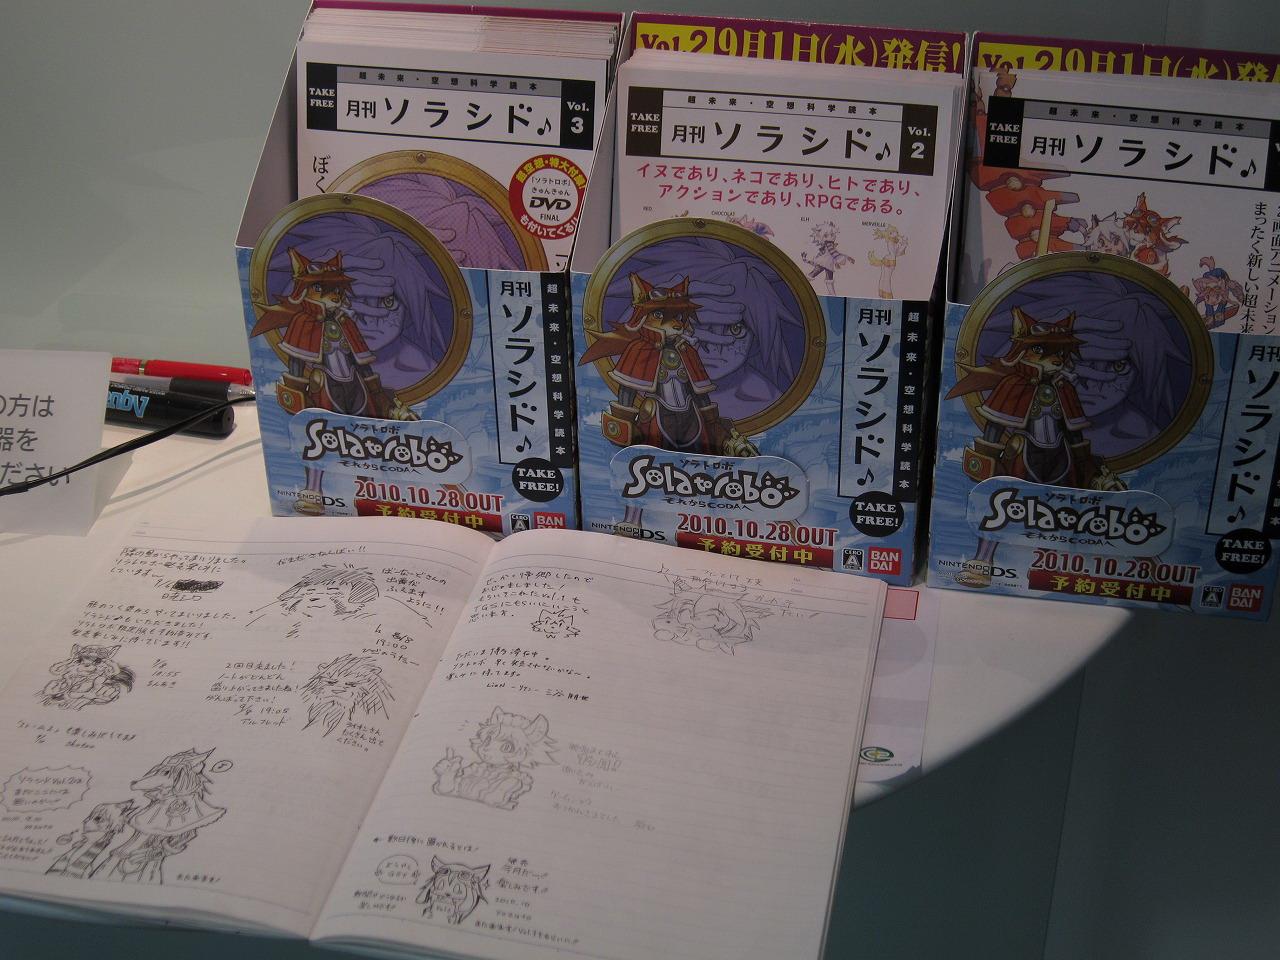 本社入り口には東京スタジオと同じく、ユーザー向けのメッセージノートが置かれ、熱いメッセージが書き込まれていた